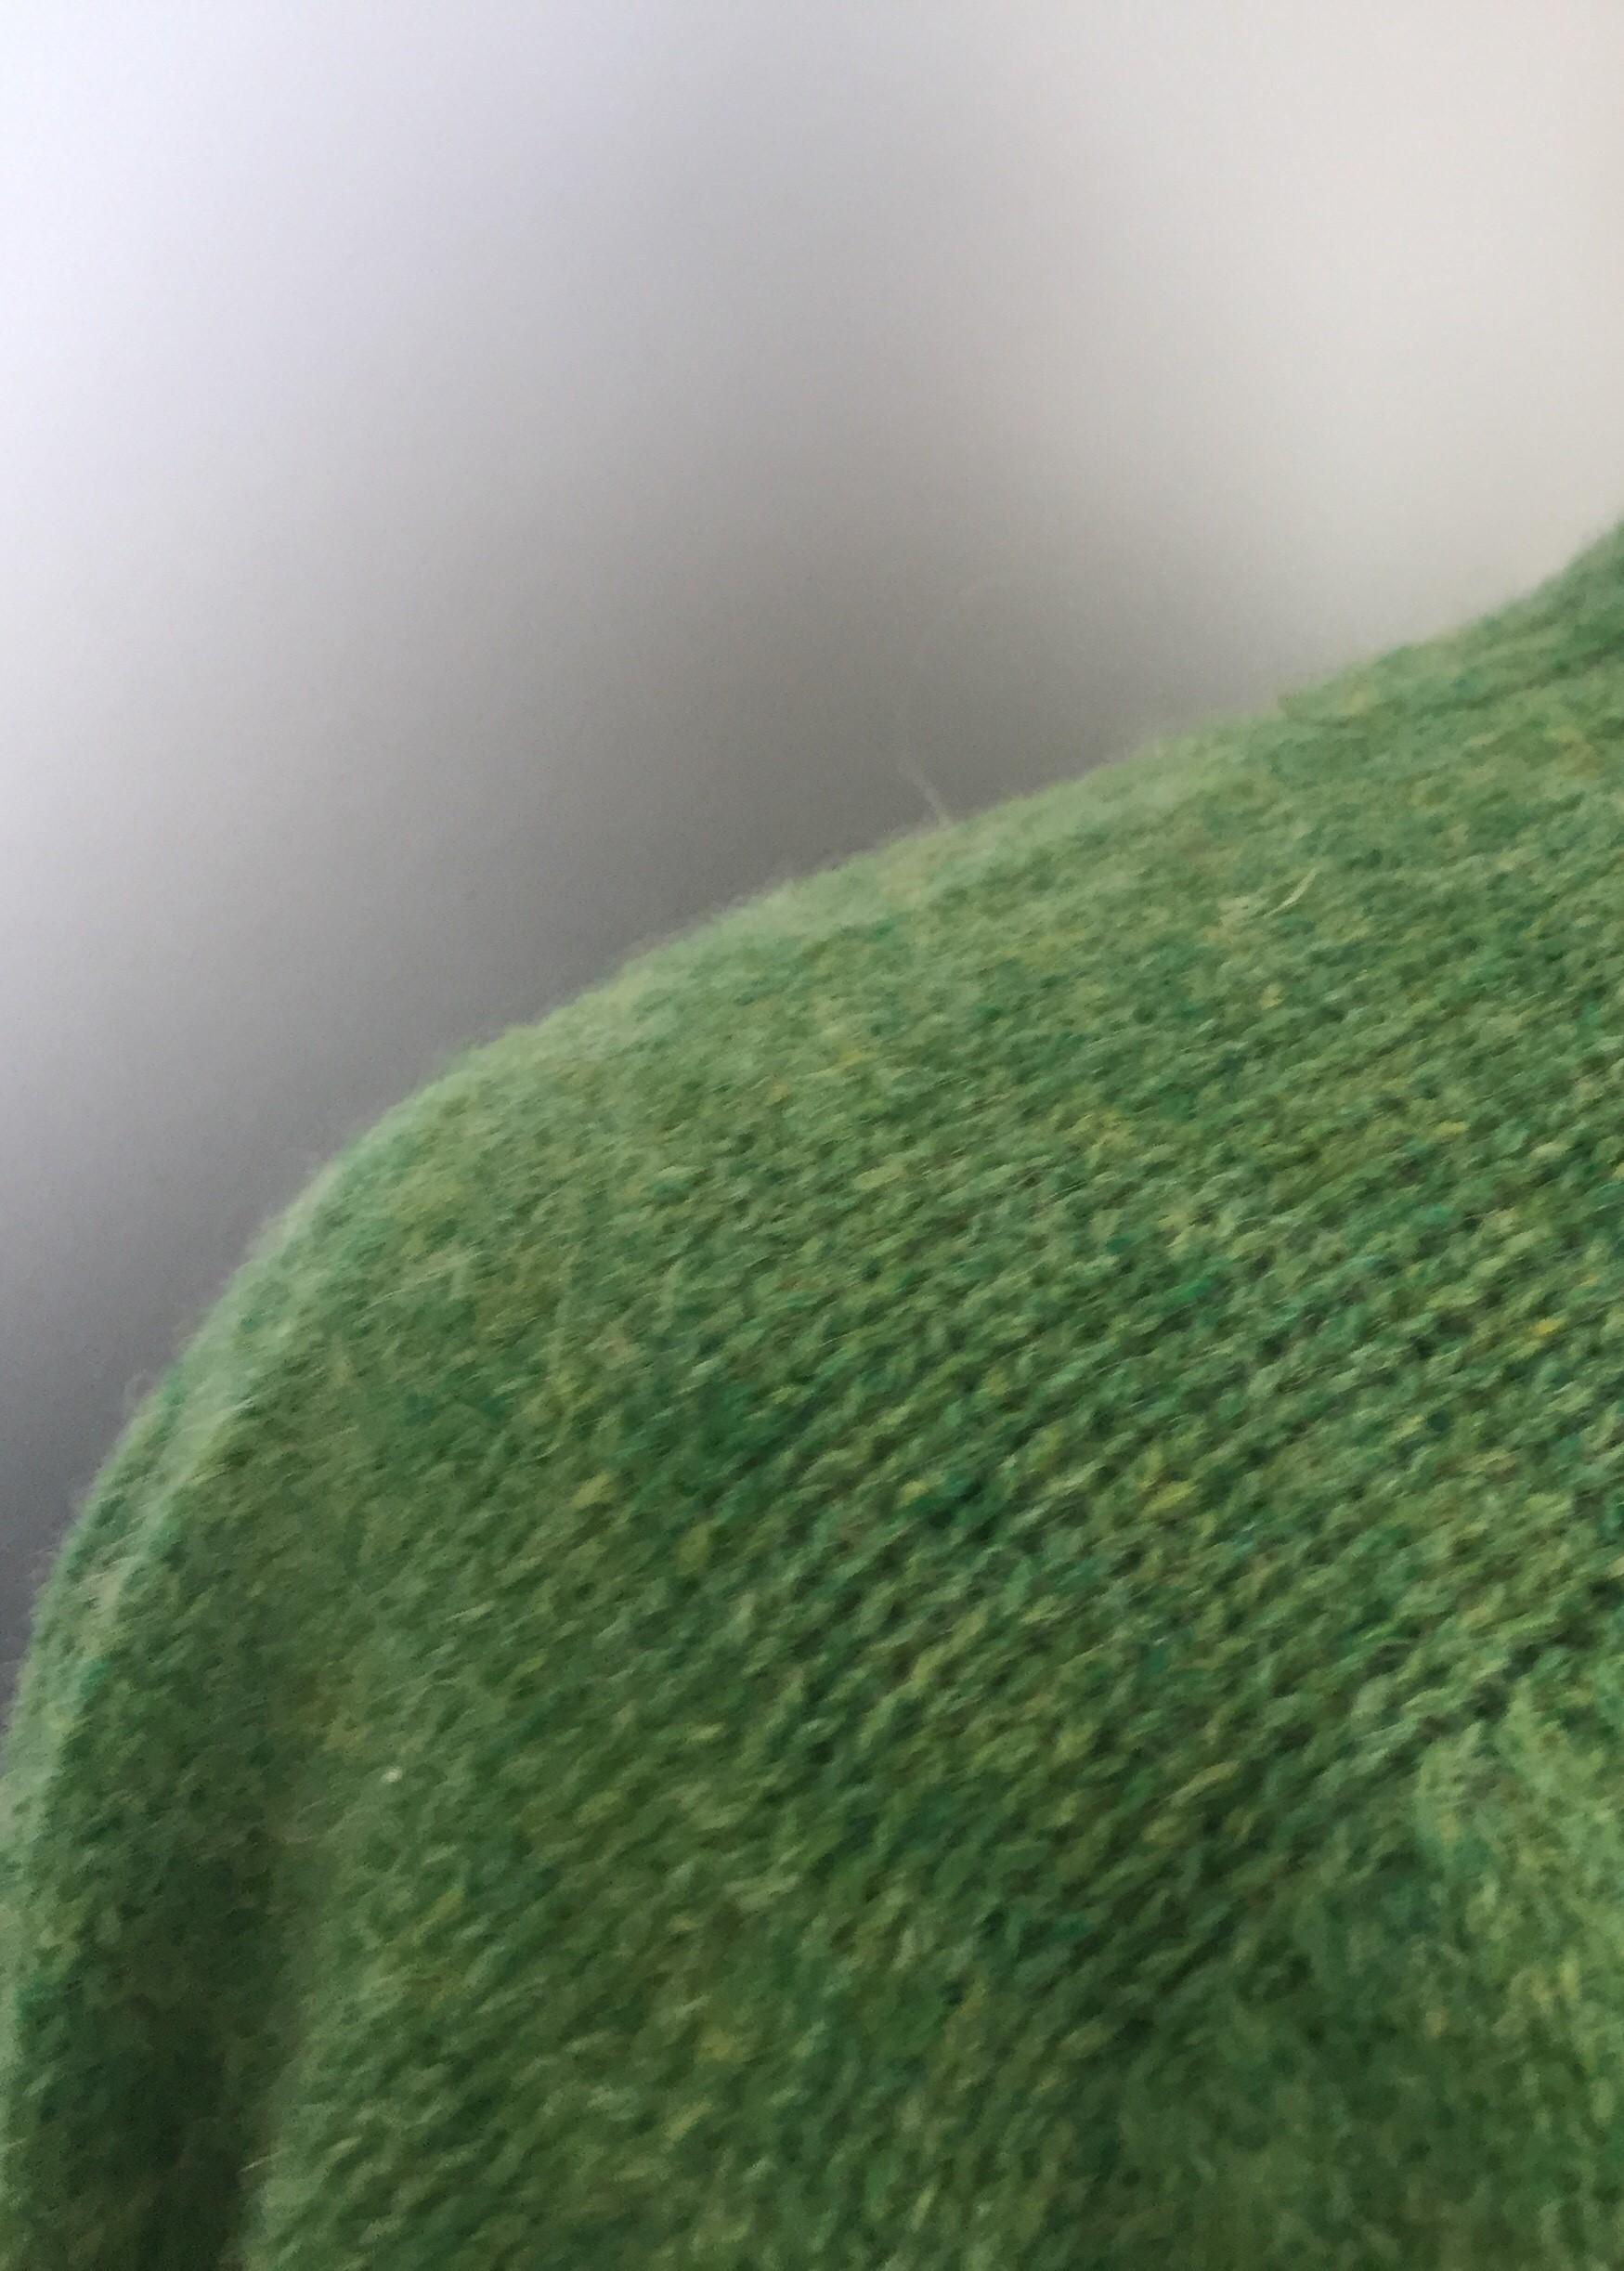 Harley of Scotland - Unisex Uld Pullover - Grøn, klar grøn, græsgrøn, uldstrik, uldsweater, uldtrøje, uldpullover, pullover, sweater, herresweater, herretrøje, herrestrik, damemodel, unisex, fåreuld, natur, skotsk, skotland, kvalitet, let, varm, sommerstrik, biti, ribe, marsken, grøn trøje, vadehavet